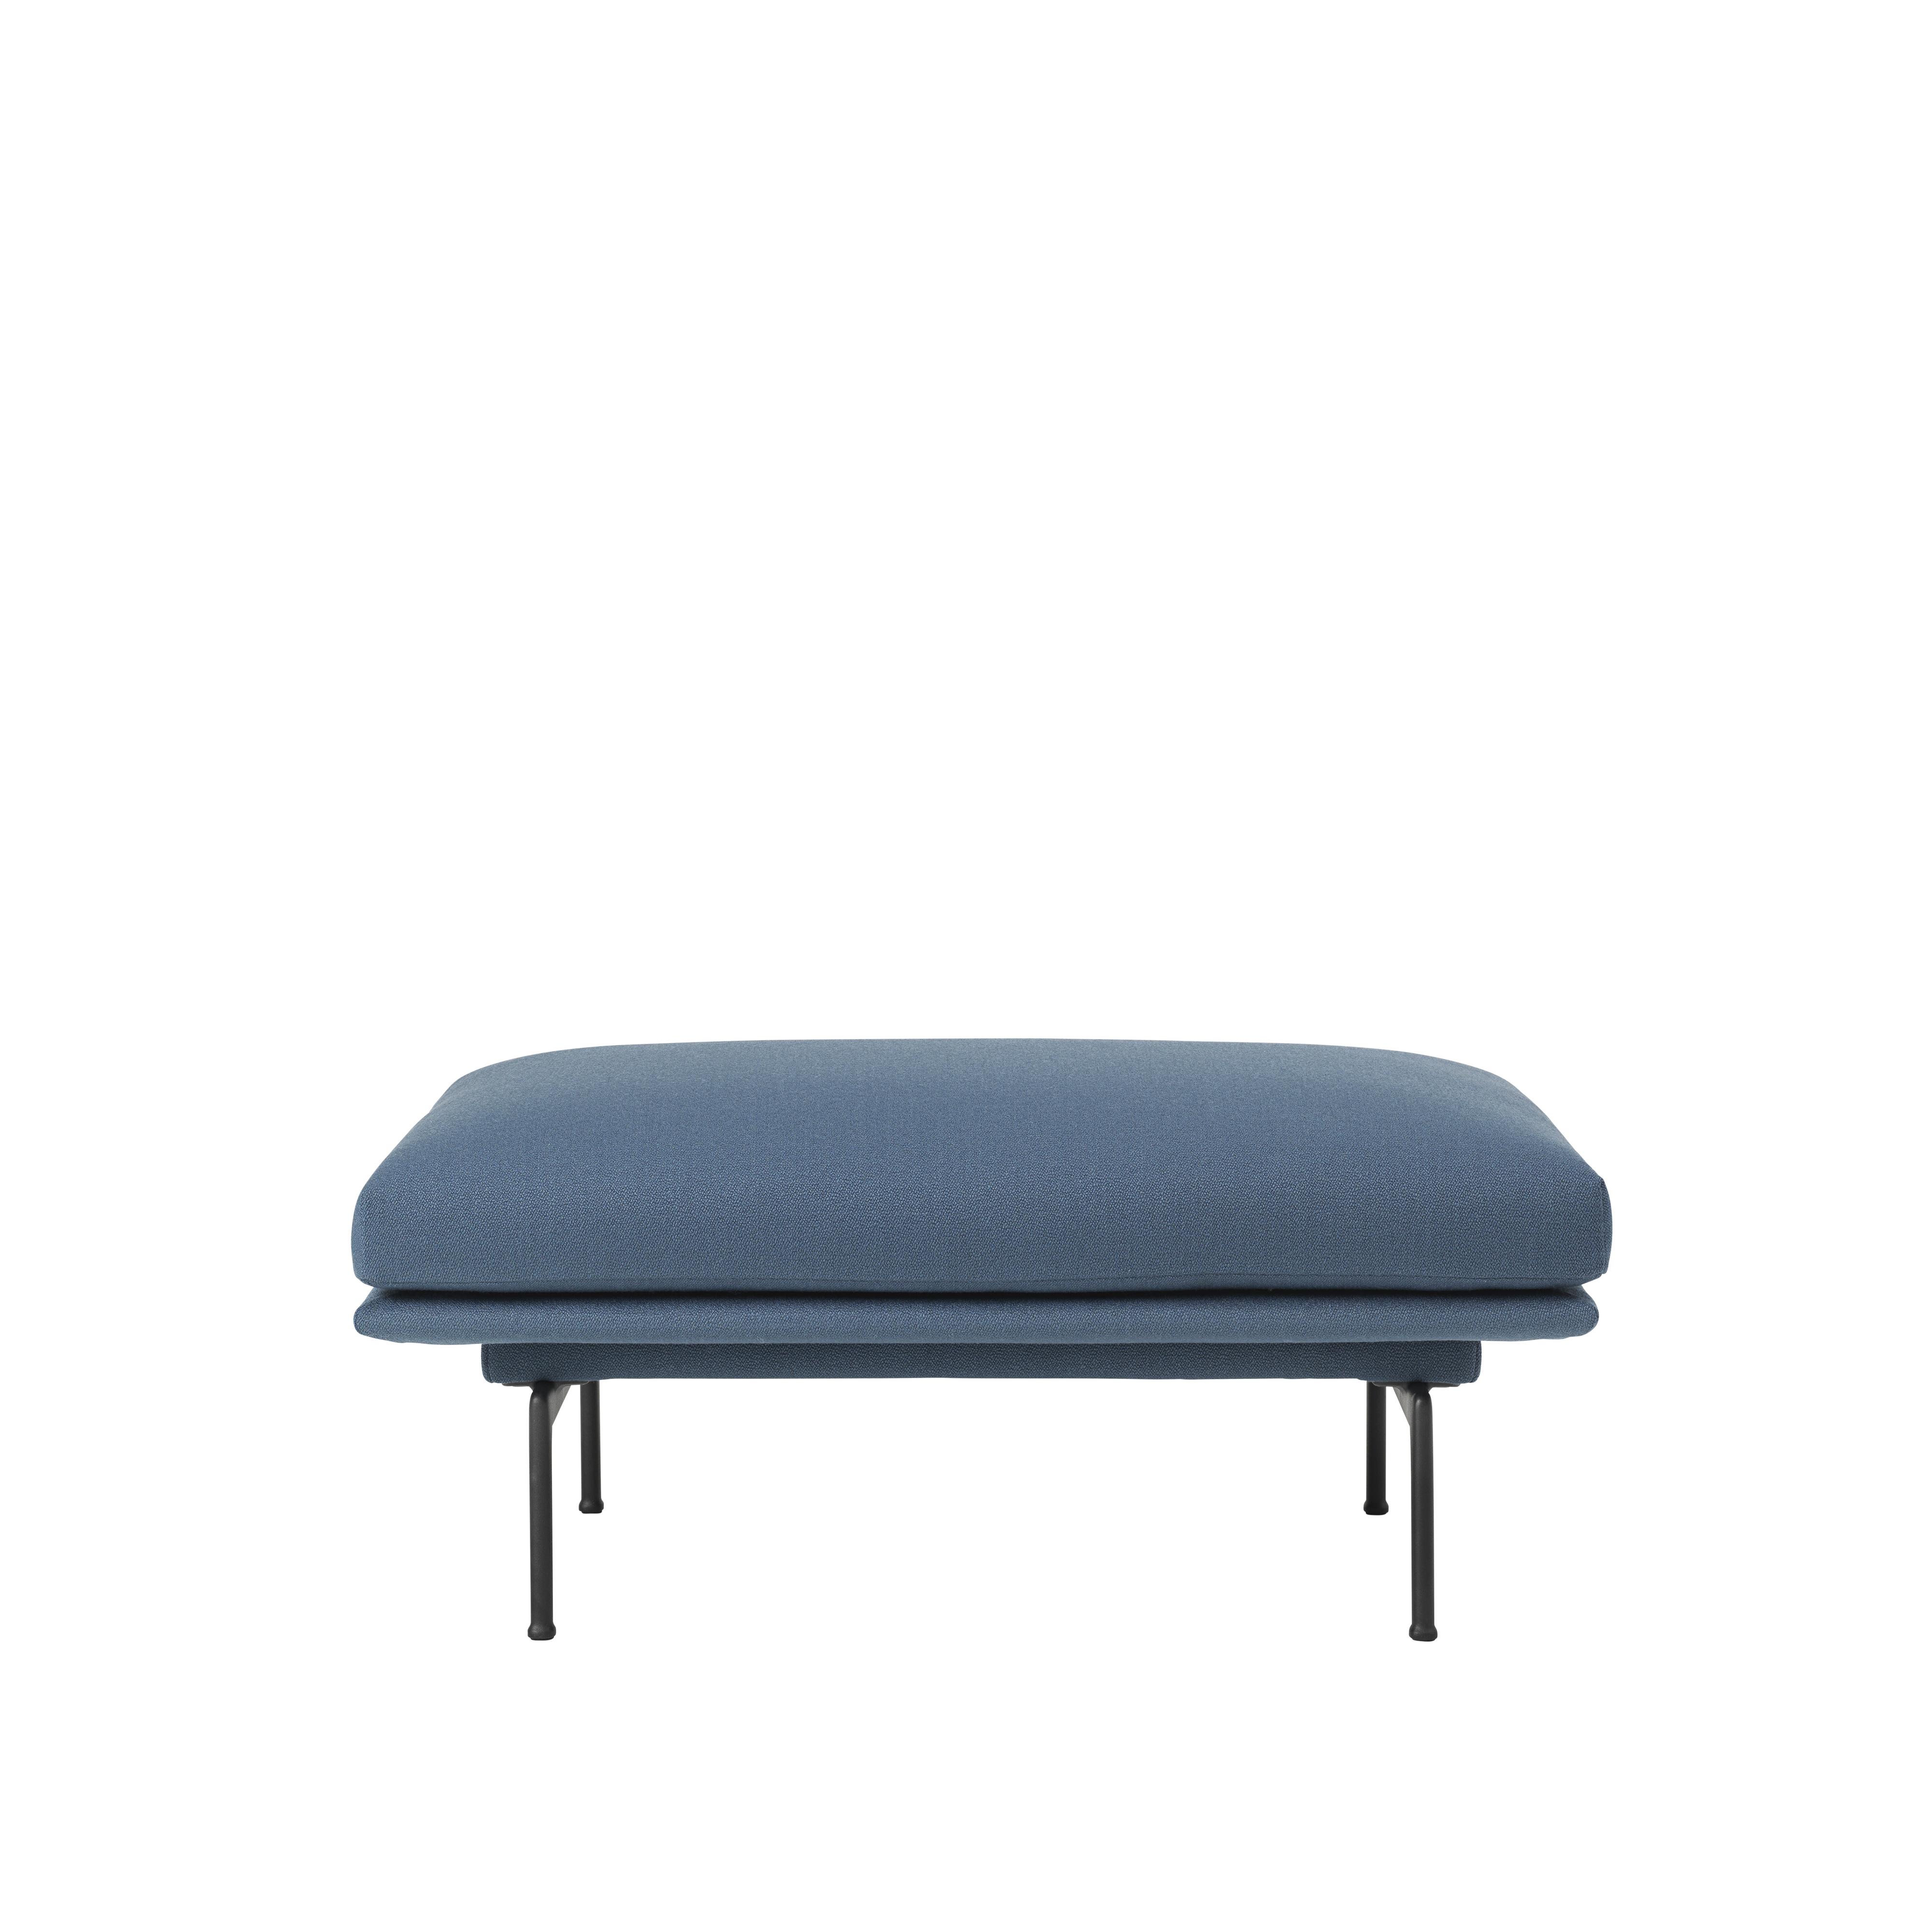 Outline Sofa Pouf By Muuto Archello